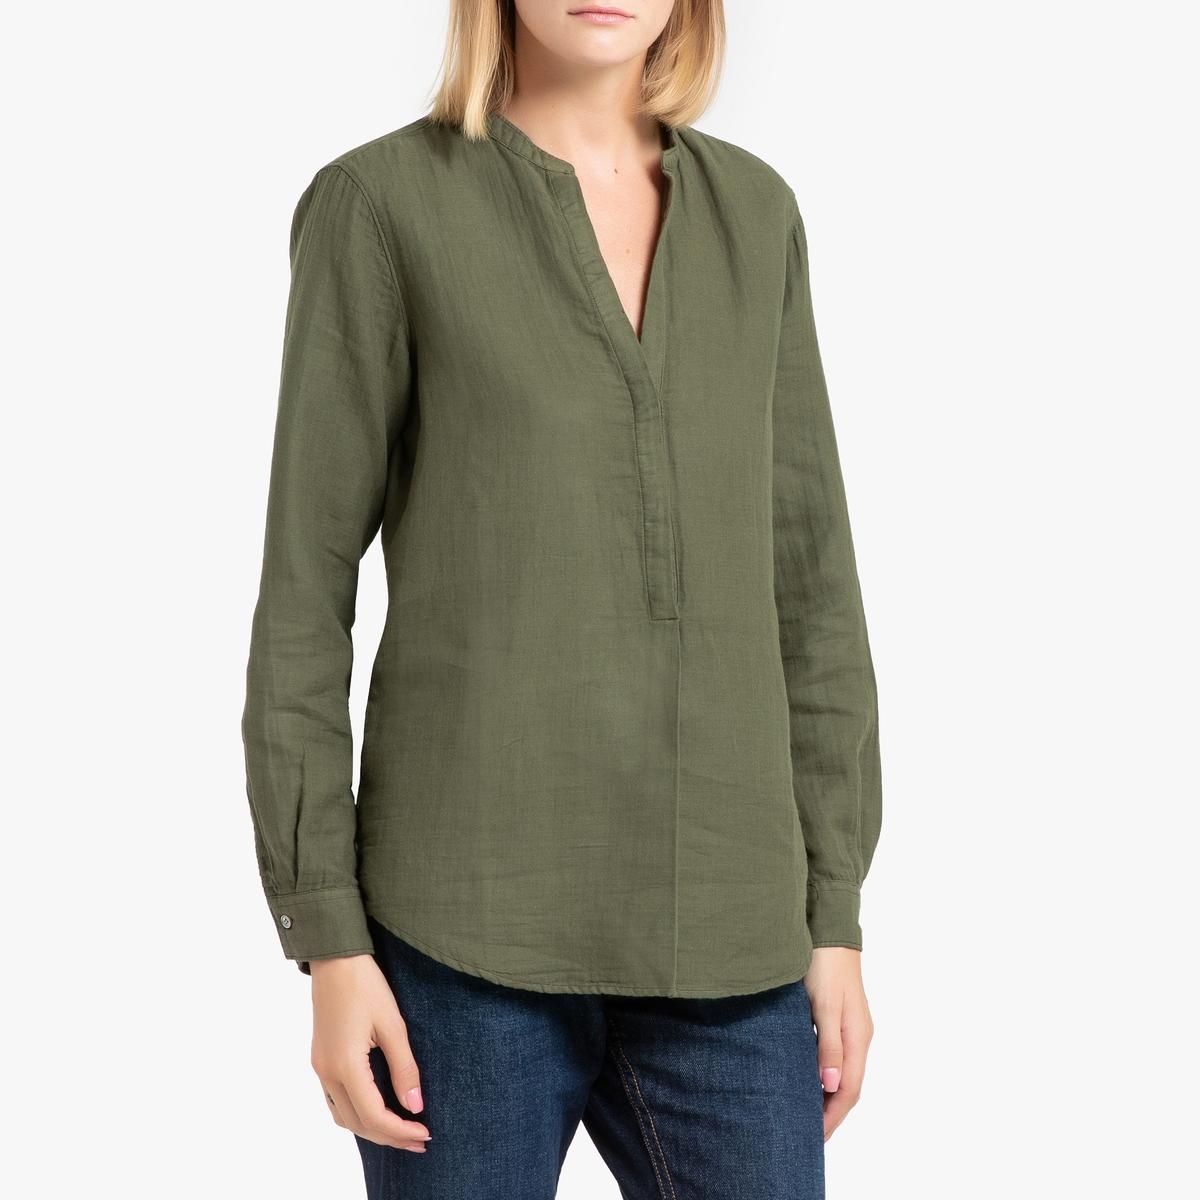 Фото - Блузка La Redoute С длинными рукавами CARTA 3(L) зеленый блузка женская oodji collection цвет светло зеленый белый 21412132 2b 24681 6010g размер 44 170 50 170